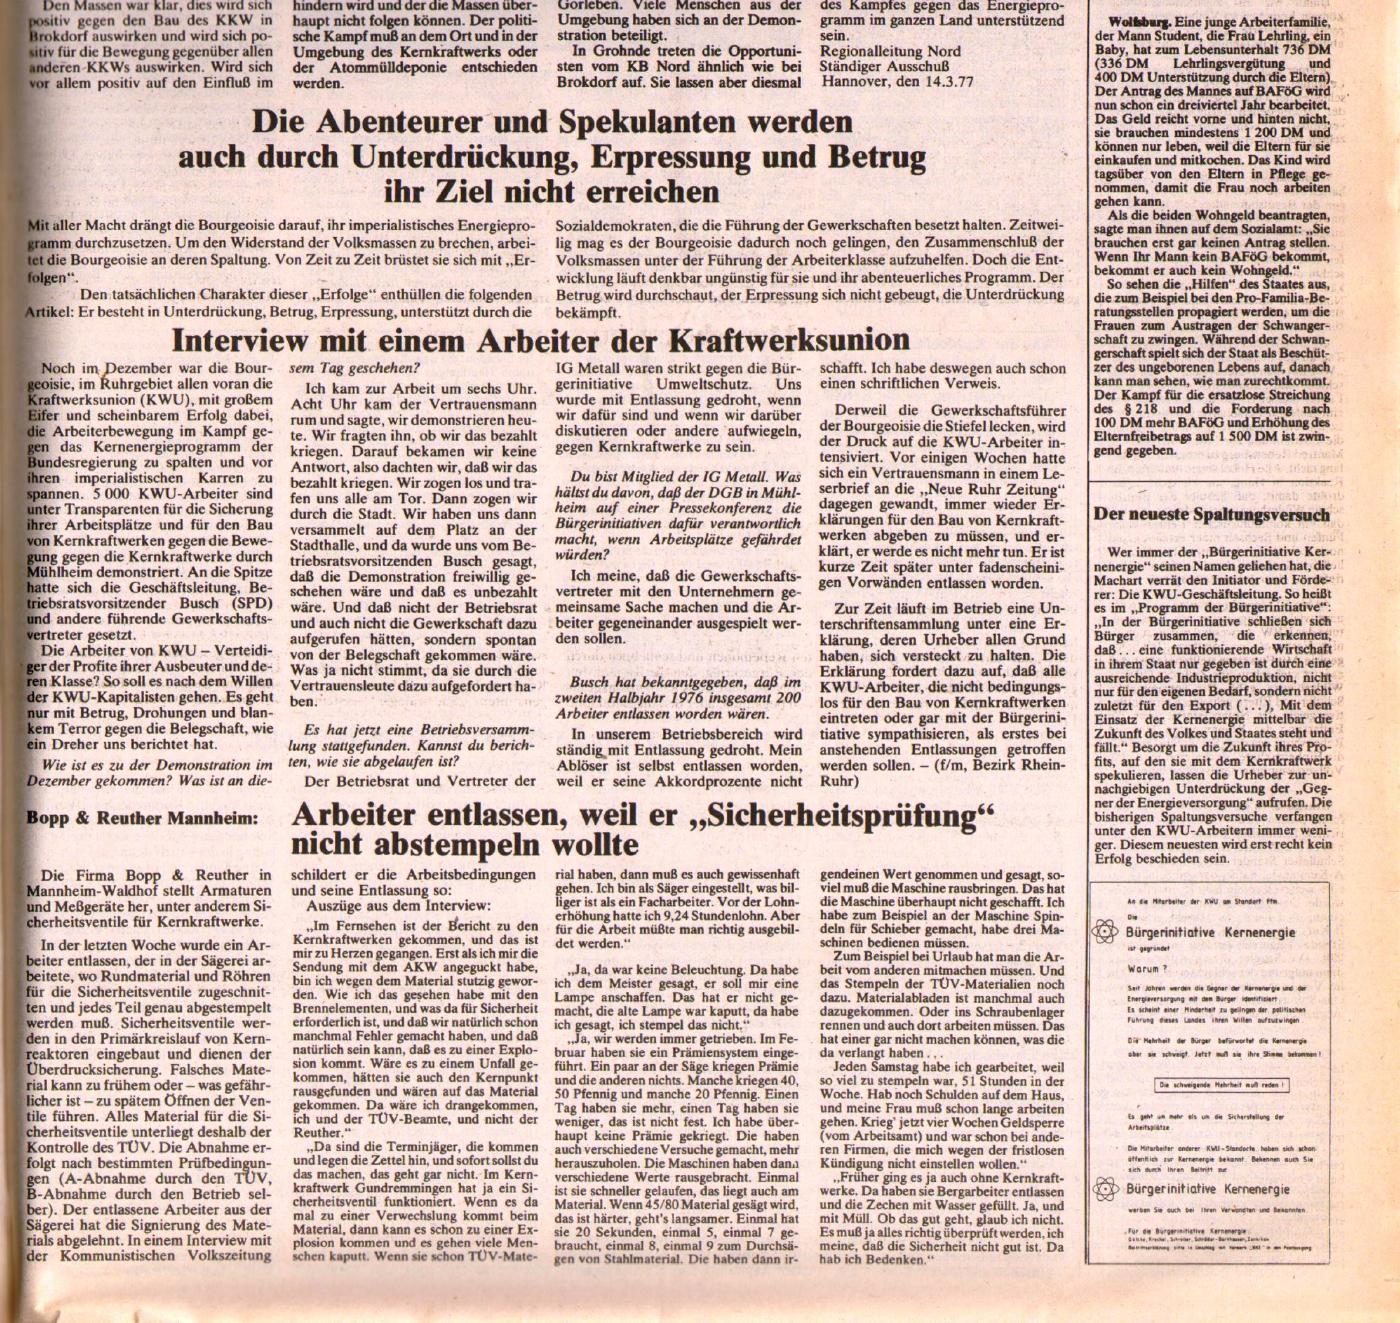 KVZ_Nord_1977_11_18